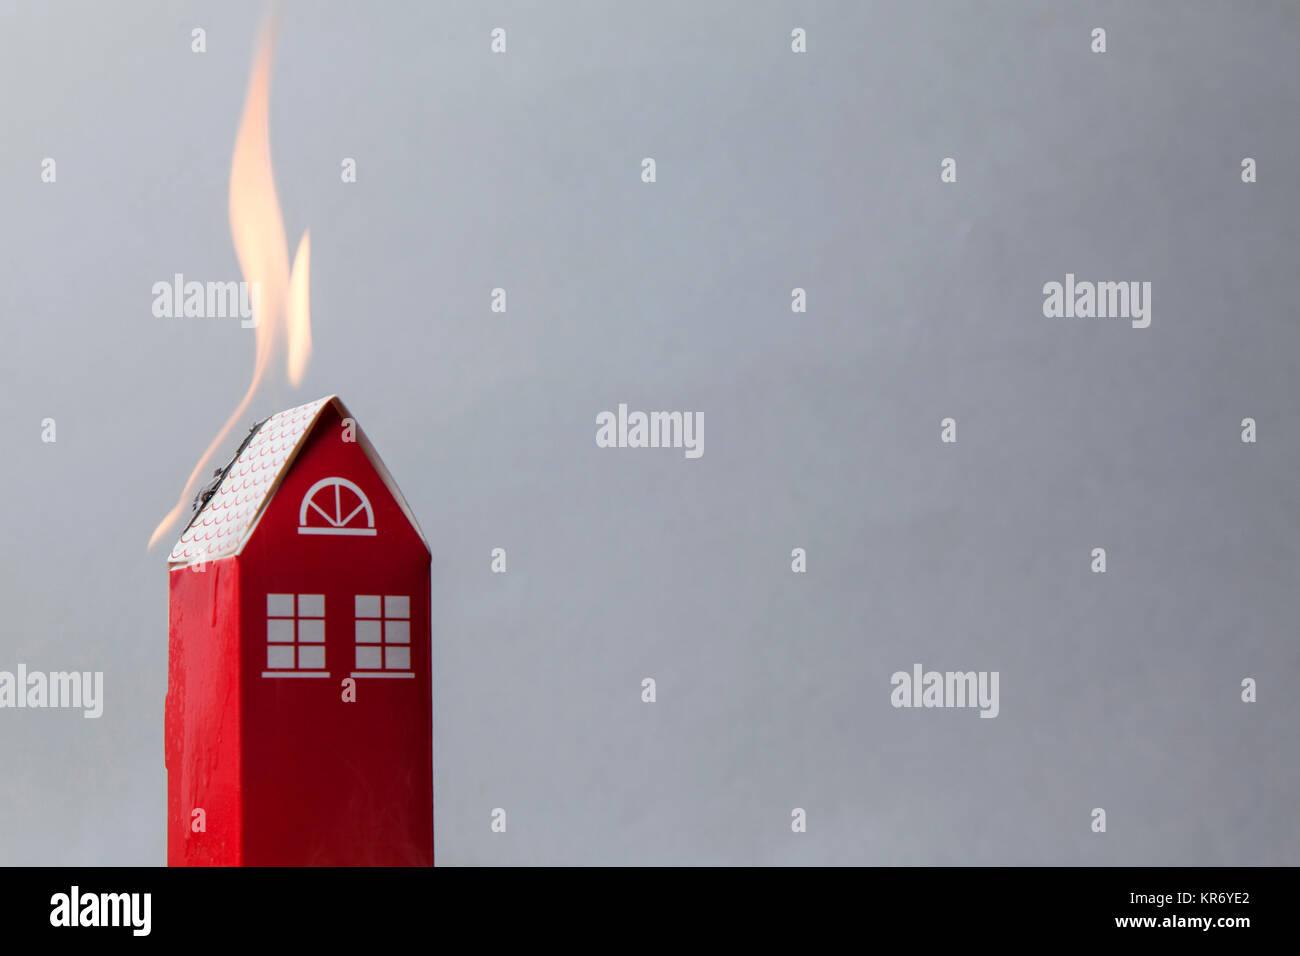 Haus Feuer Konzept. Spielzeug Haus mit Flammen Stockbild